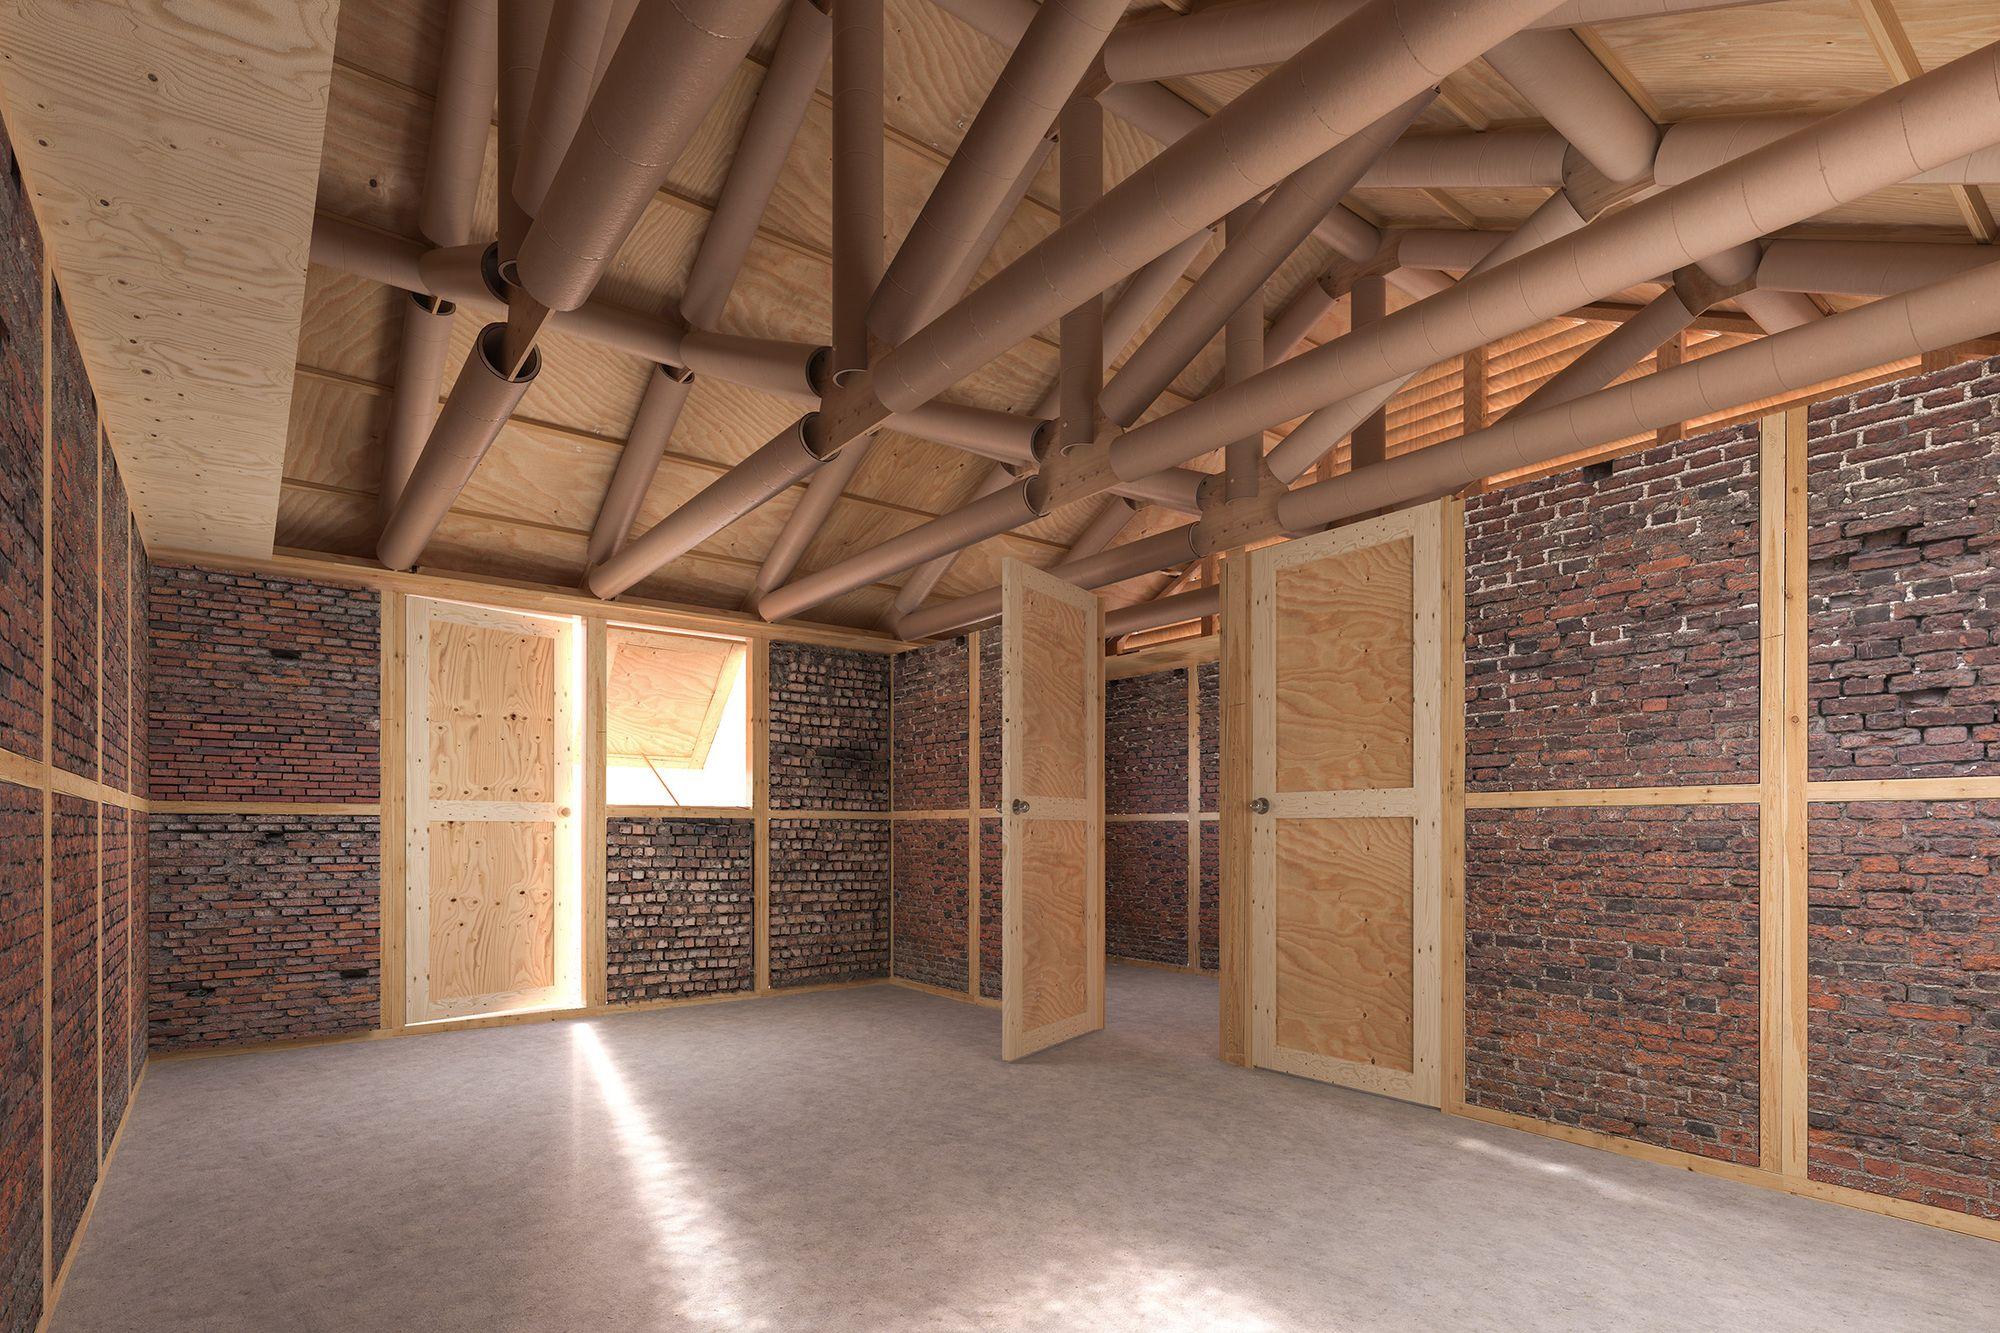 Imagen 4 de 7 de la galería de Refugios de emergencia de Shigeru Ban se construirán a partir de escombros en Nepal. © VAN, cortesía de Shigeru Ban Architects